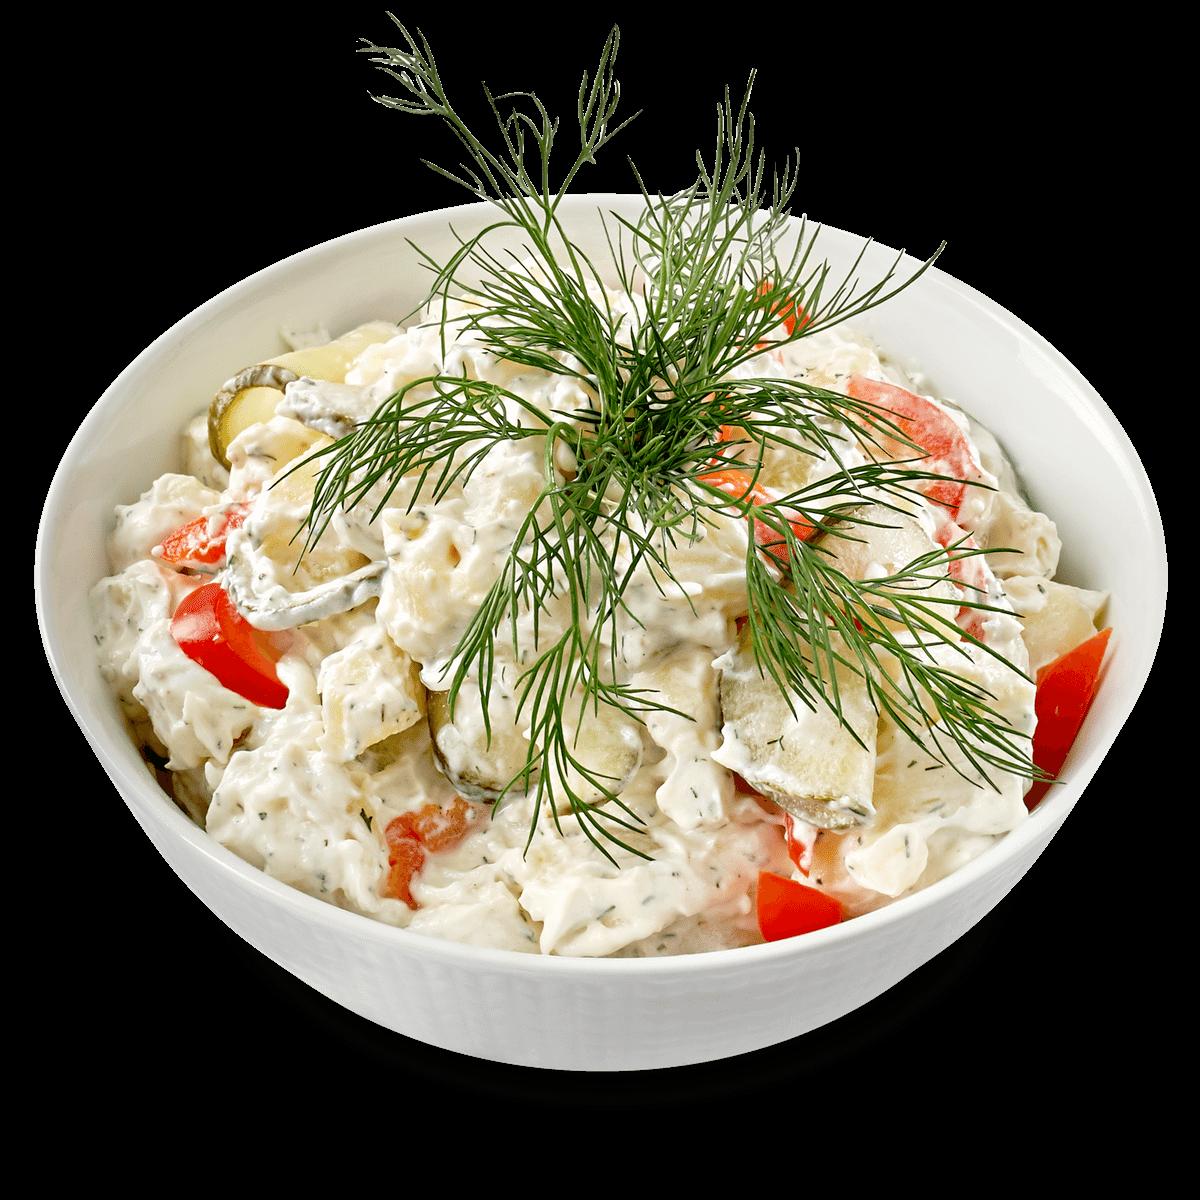 tillbehor-potatis-sallad